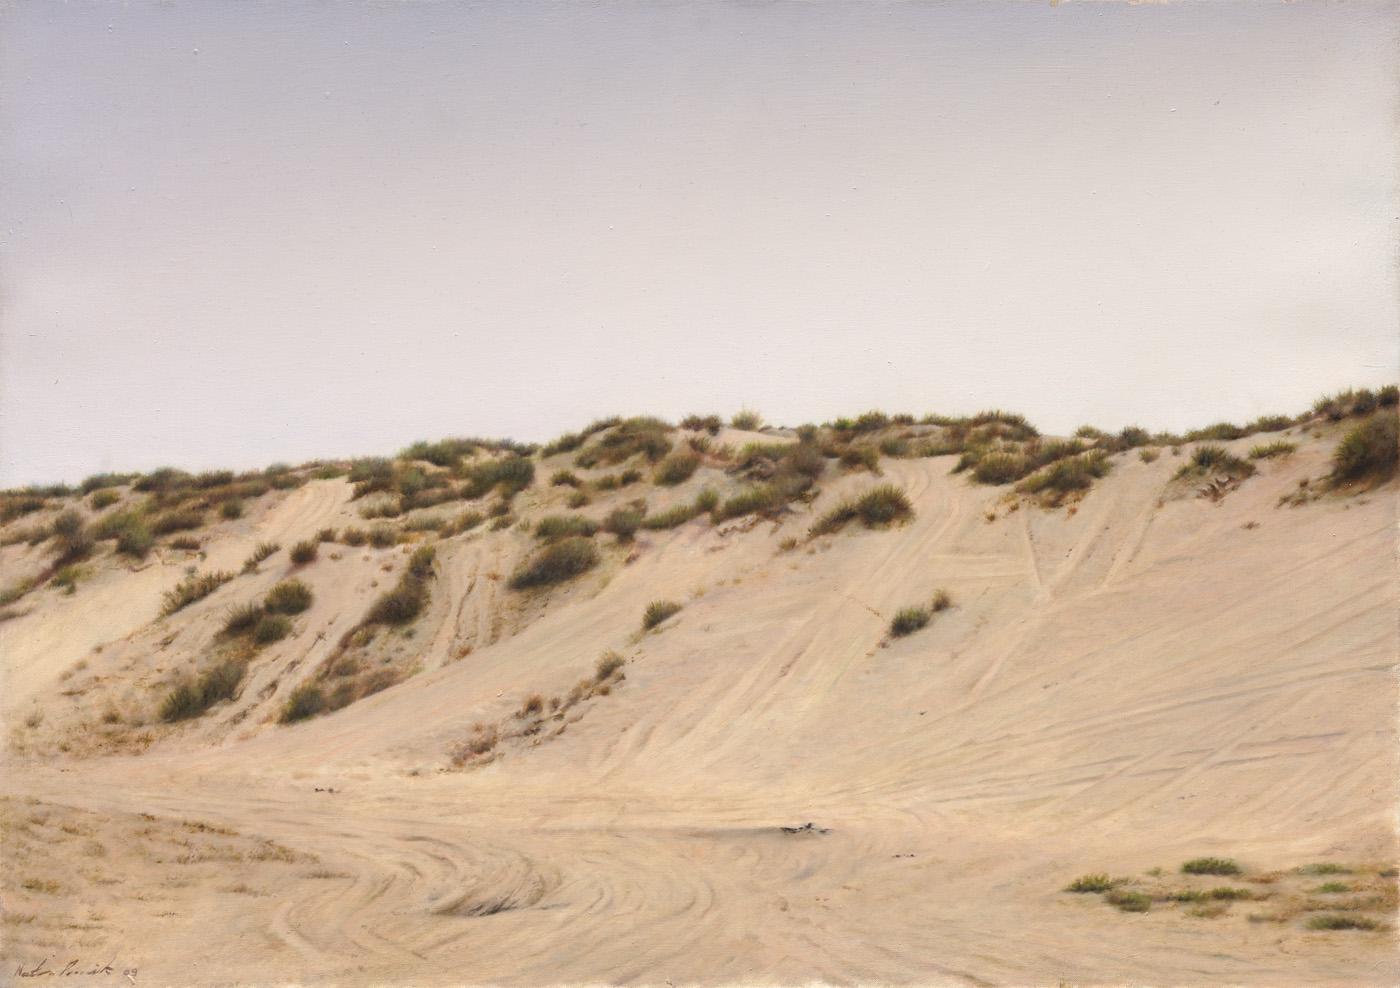 Dune noon